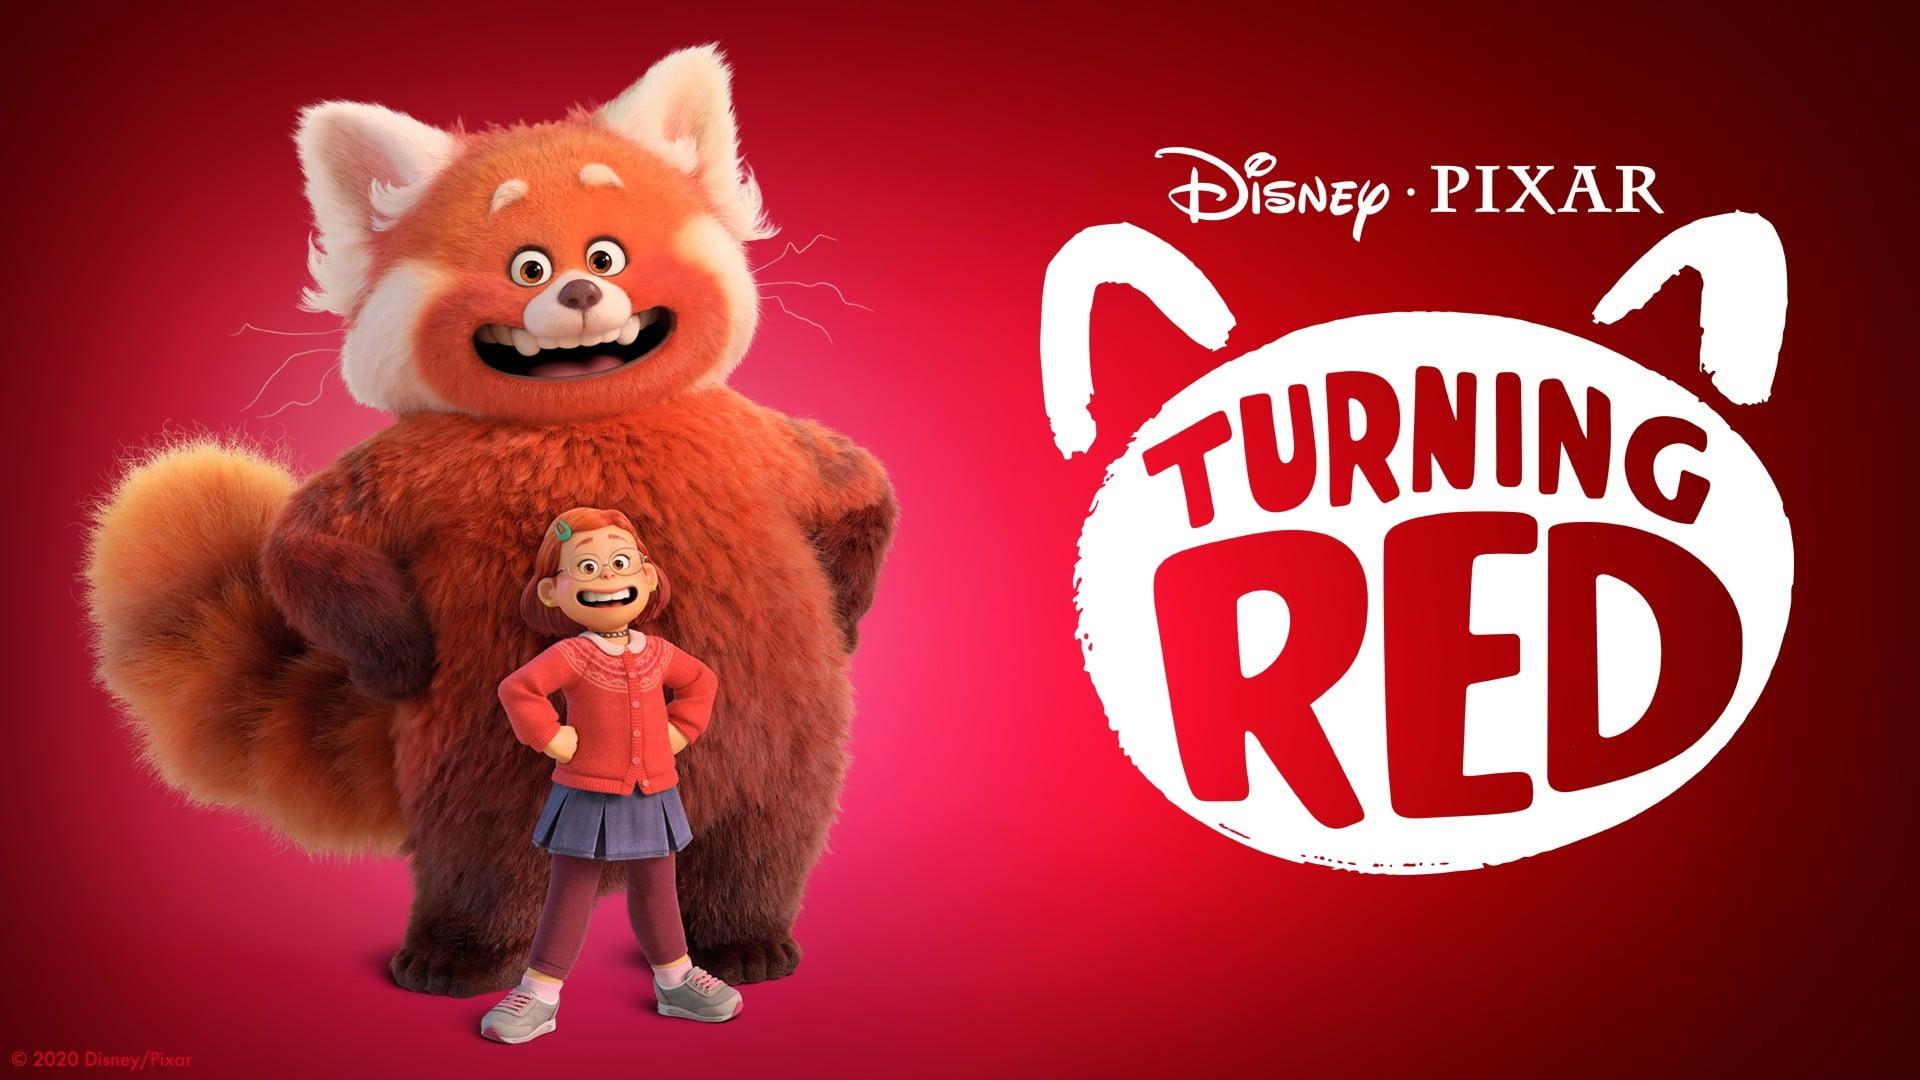 Este es el primer tráiler de Red, la próxima película de Disney Pixar